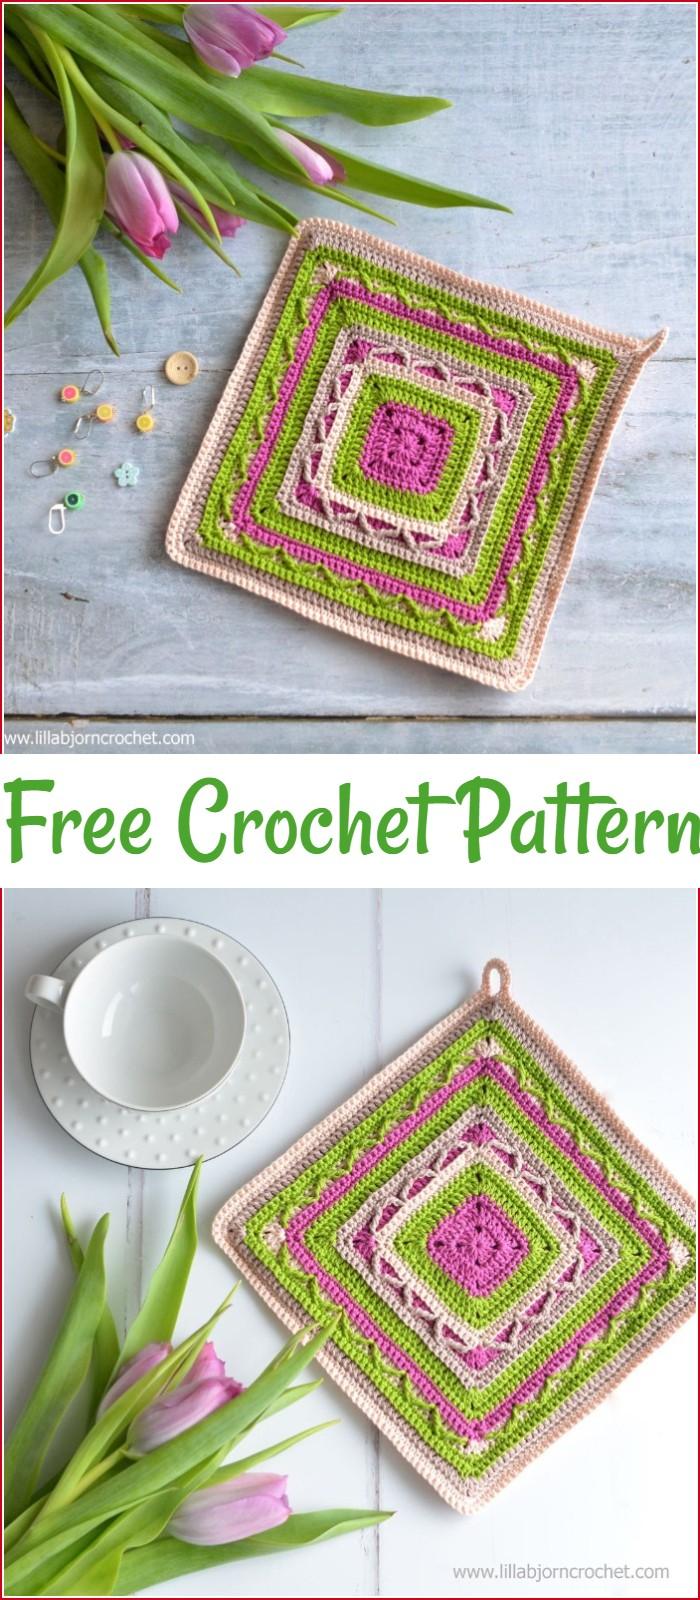 Free Crochet Potholder Art In Small 2